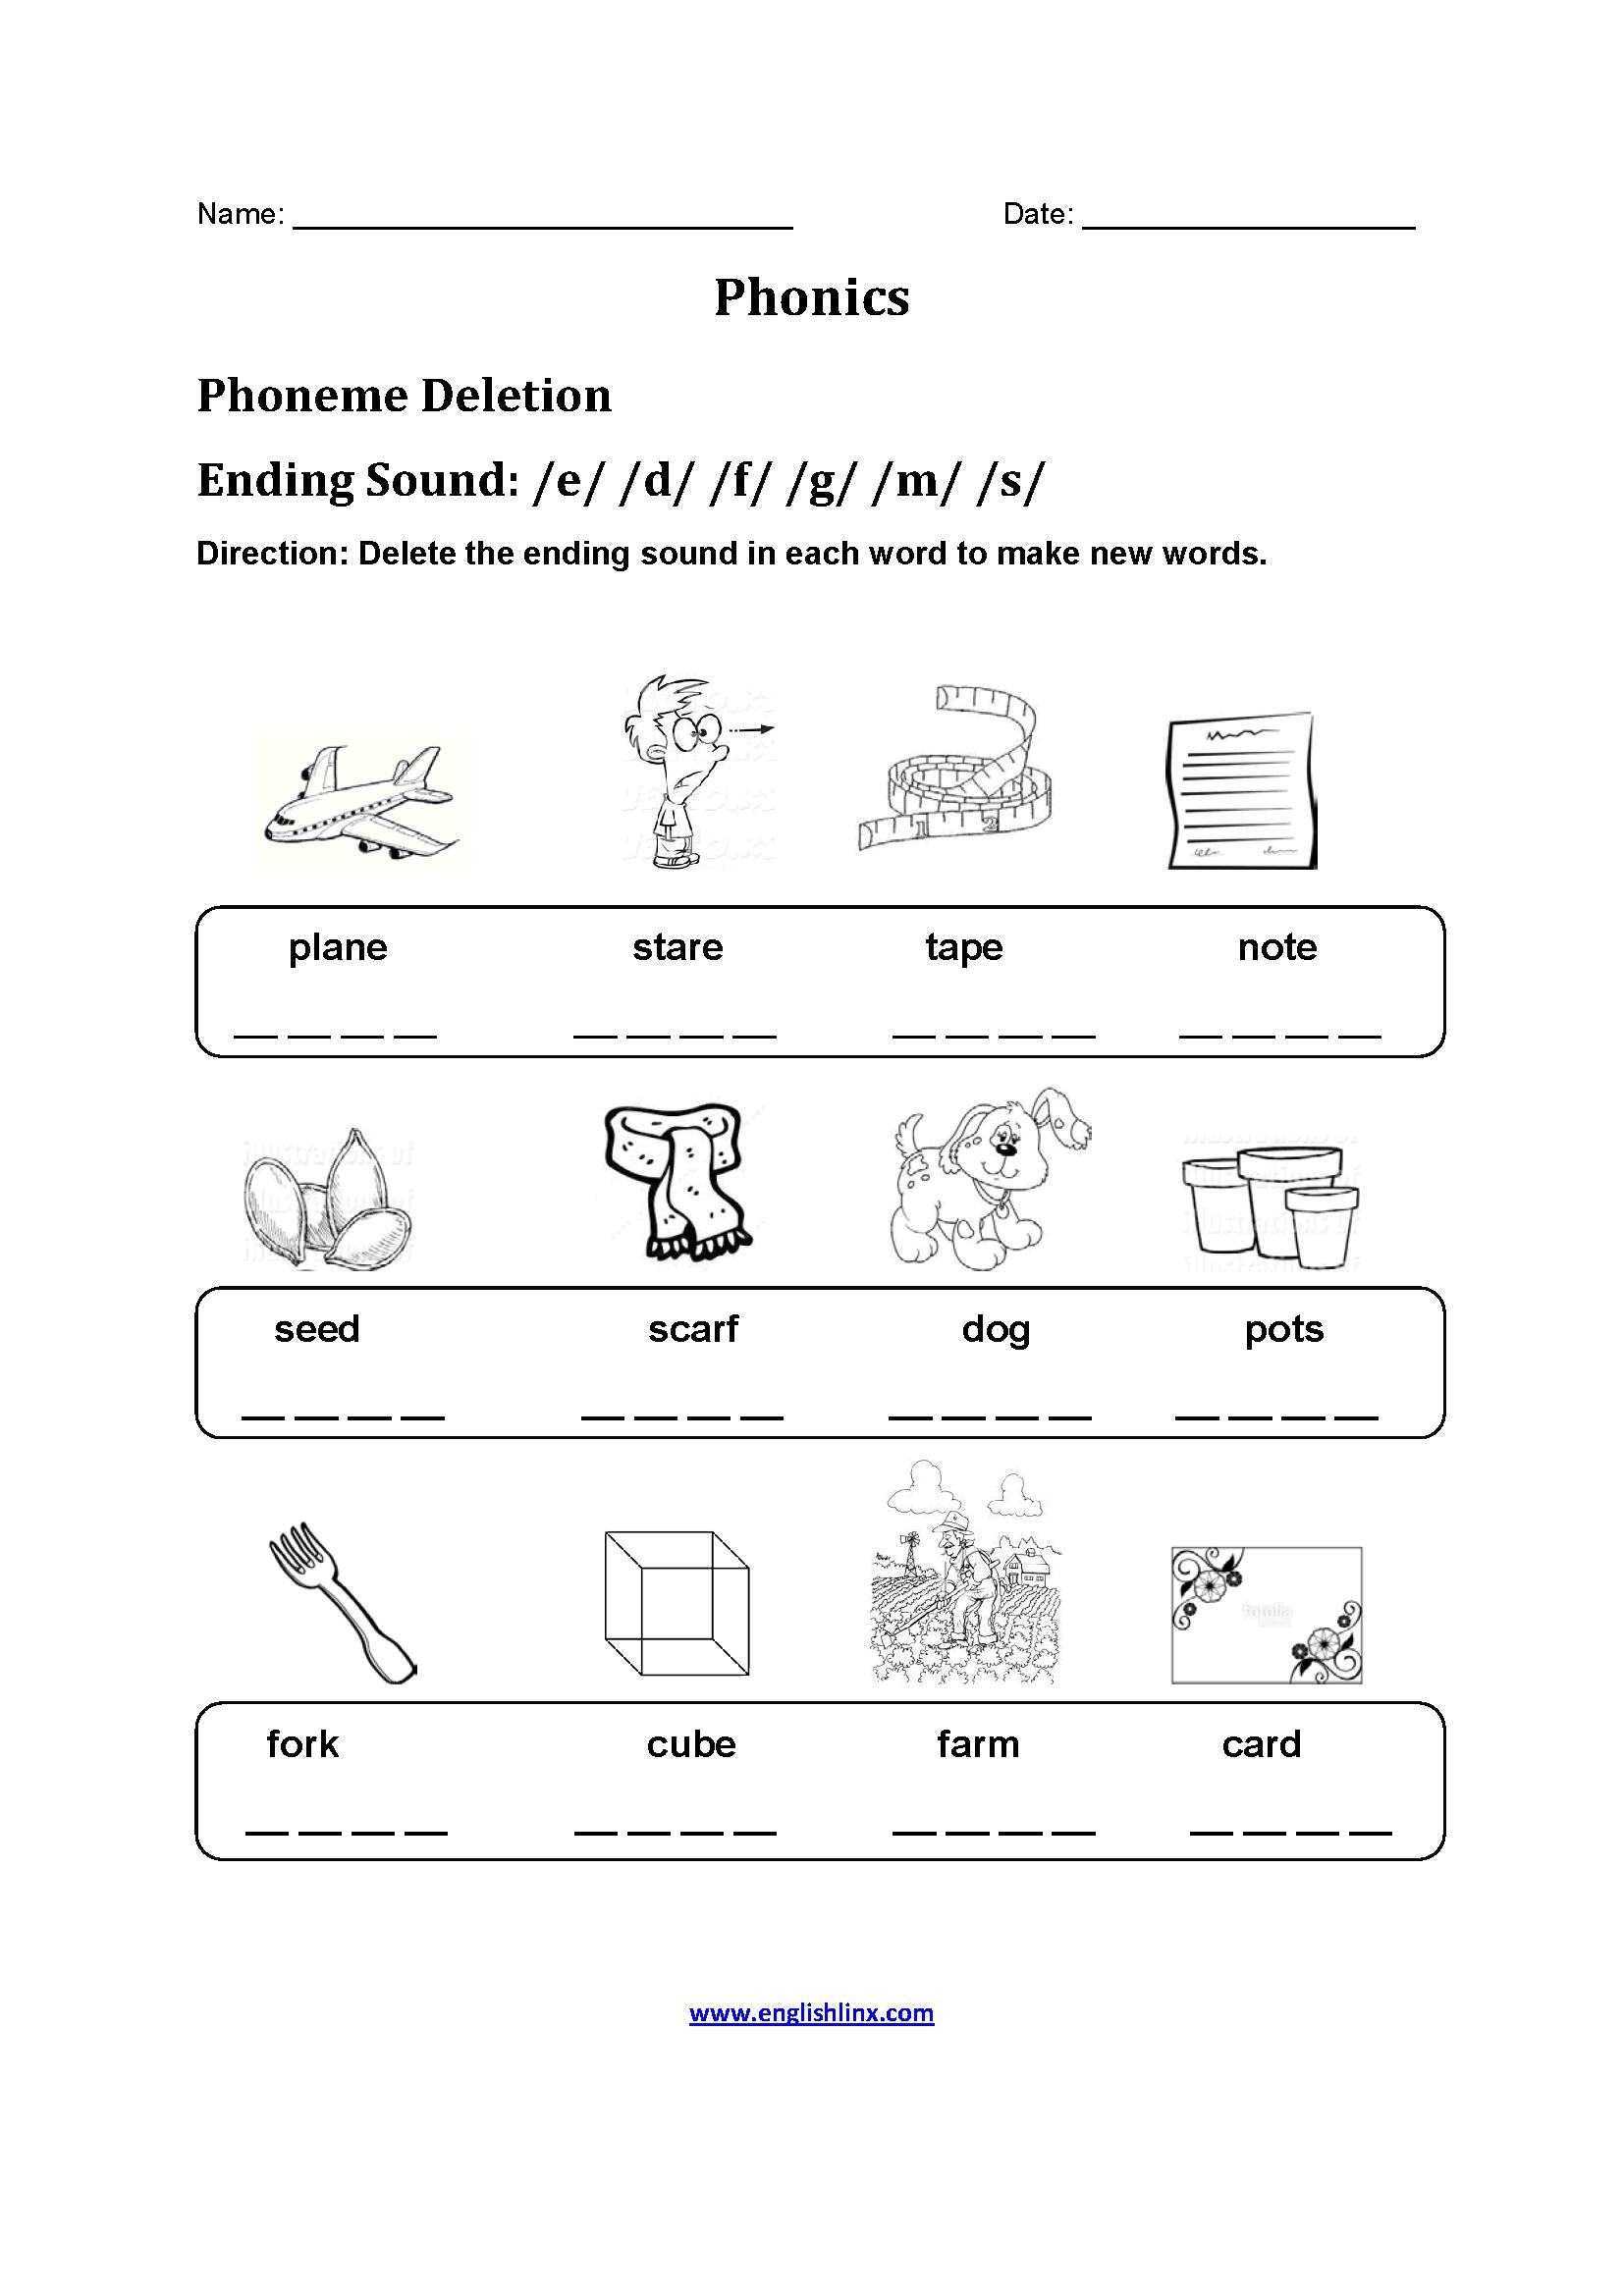 Phoneme-Deletion-Phonics-Worksheet Vowel Worksheet For Kindergarten on cut paste, all short, same word, printable packets,